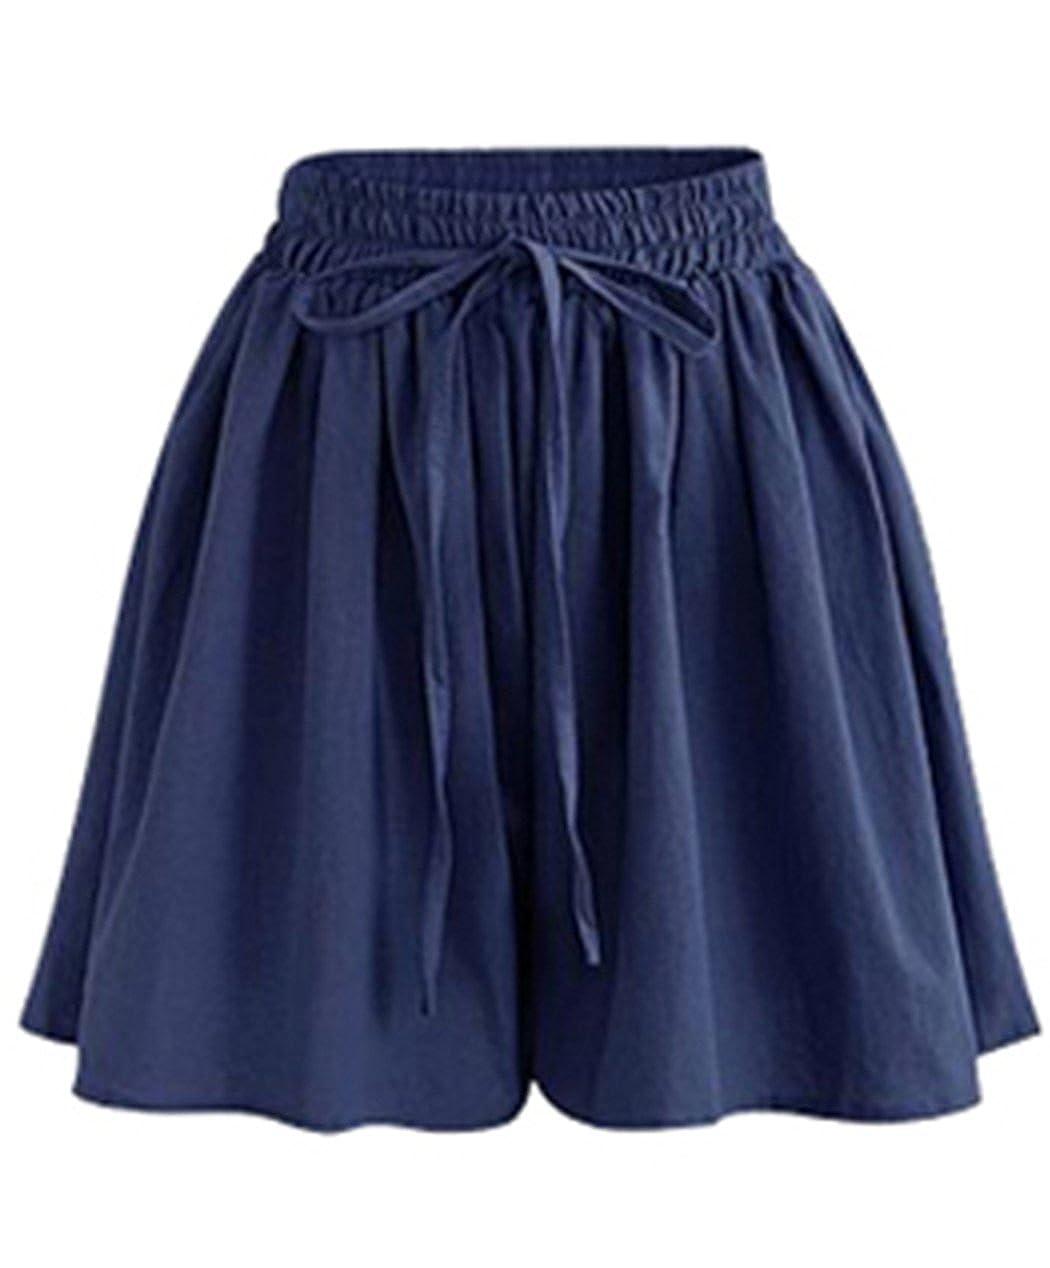 Vcansion Women's Plus Size Elastic Waist Casual Comfy Cotton Linen Beach Shorts